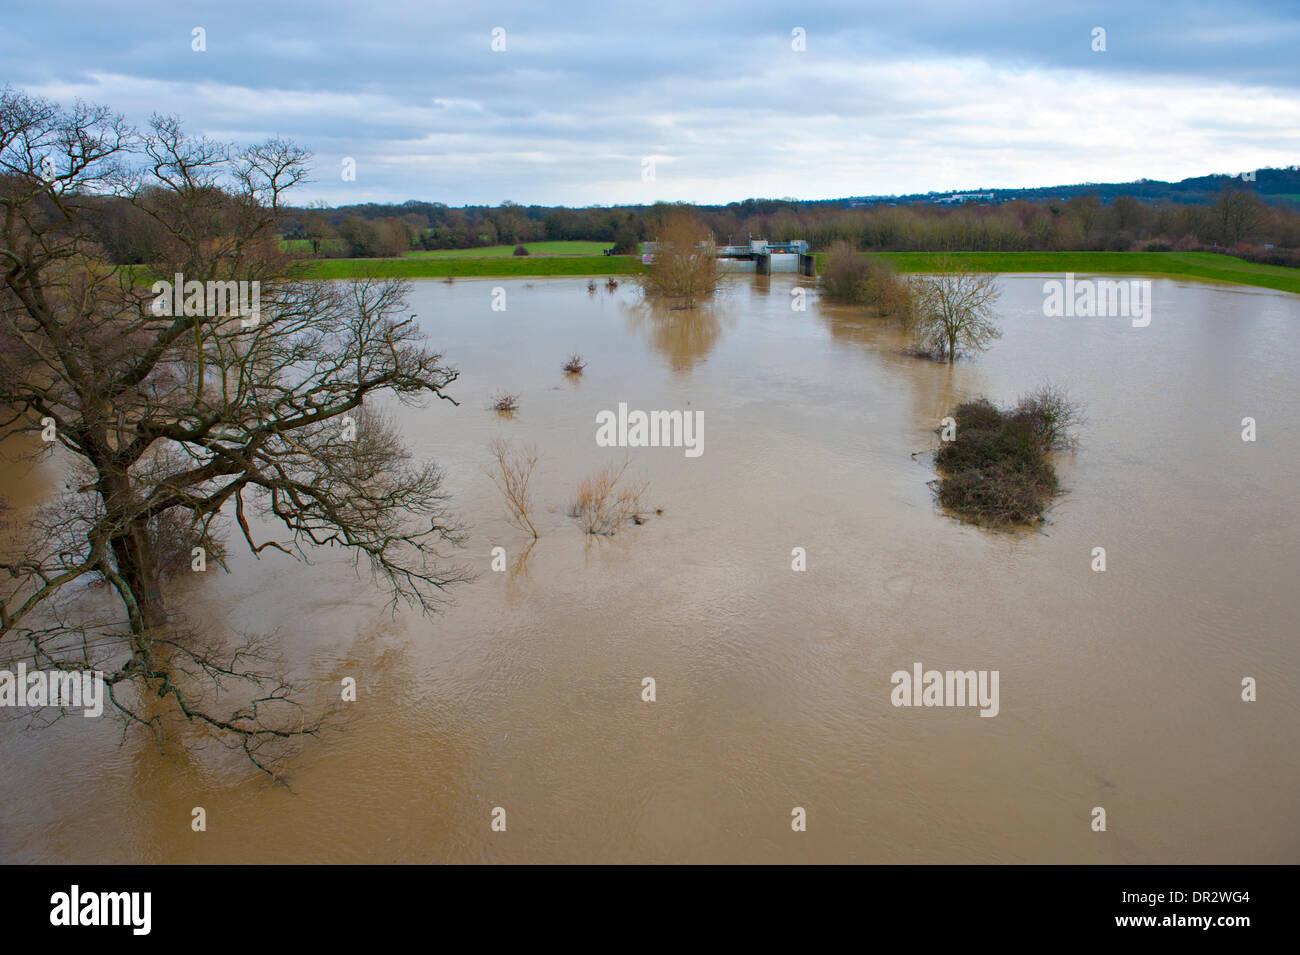 Leigh, Tonbridge, Kent, UK. El 18 de enero de 2014. La barrera contra inundaciones Leigh, cerca de Tonbridge, fue construido en el año 1982 reduce el riesgo de inundaciones en Tonbridge. Las puertas se han cerrado parcialmente para permitir que el agua se acumule en la zona de almacenamiento. © Patrick nairne/Alamy Live News Foto de stock